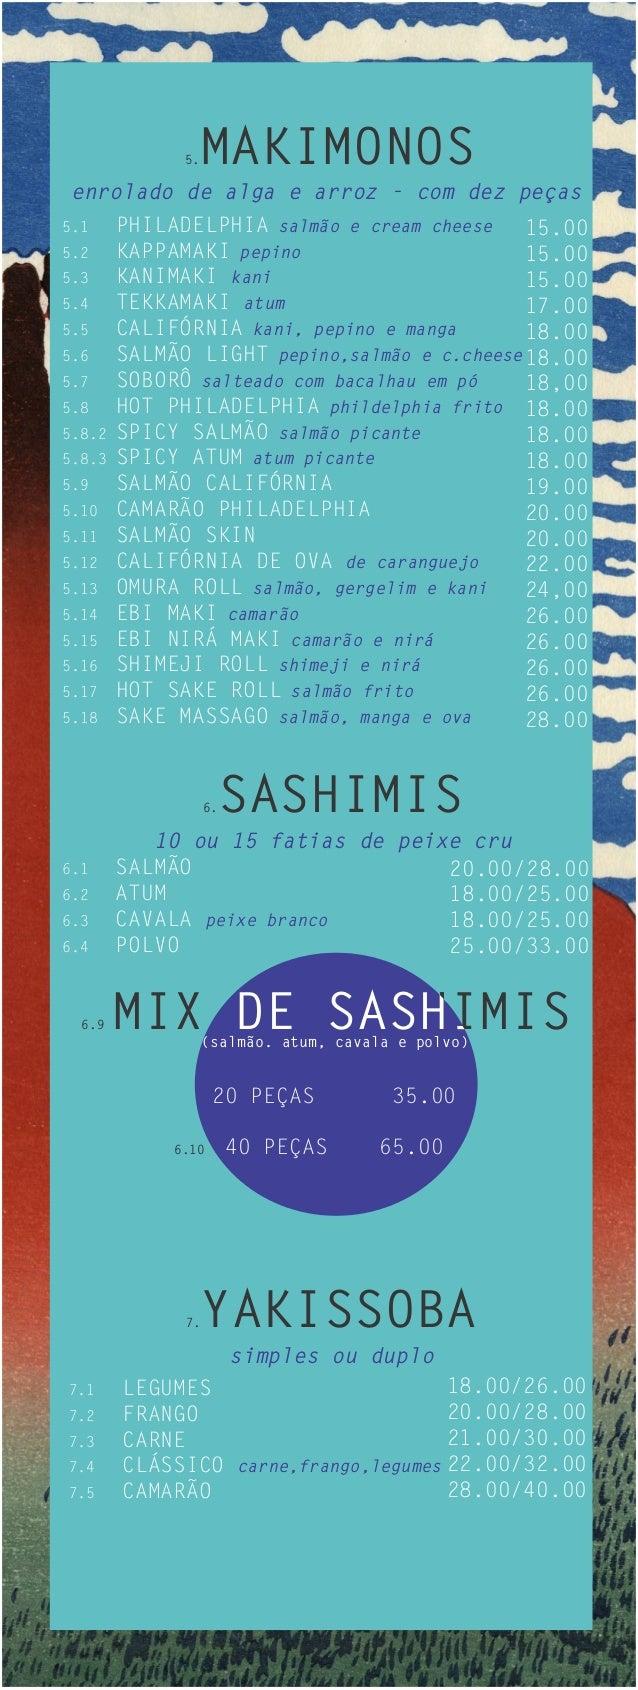 5.MAKIMONOS enrolado de alga e arroz - com dez peças5.1     PHILADELPHIA salmão e cream cheese    15.005.2     KAPPAMAKI p...